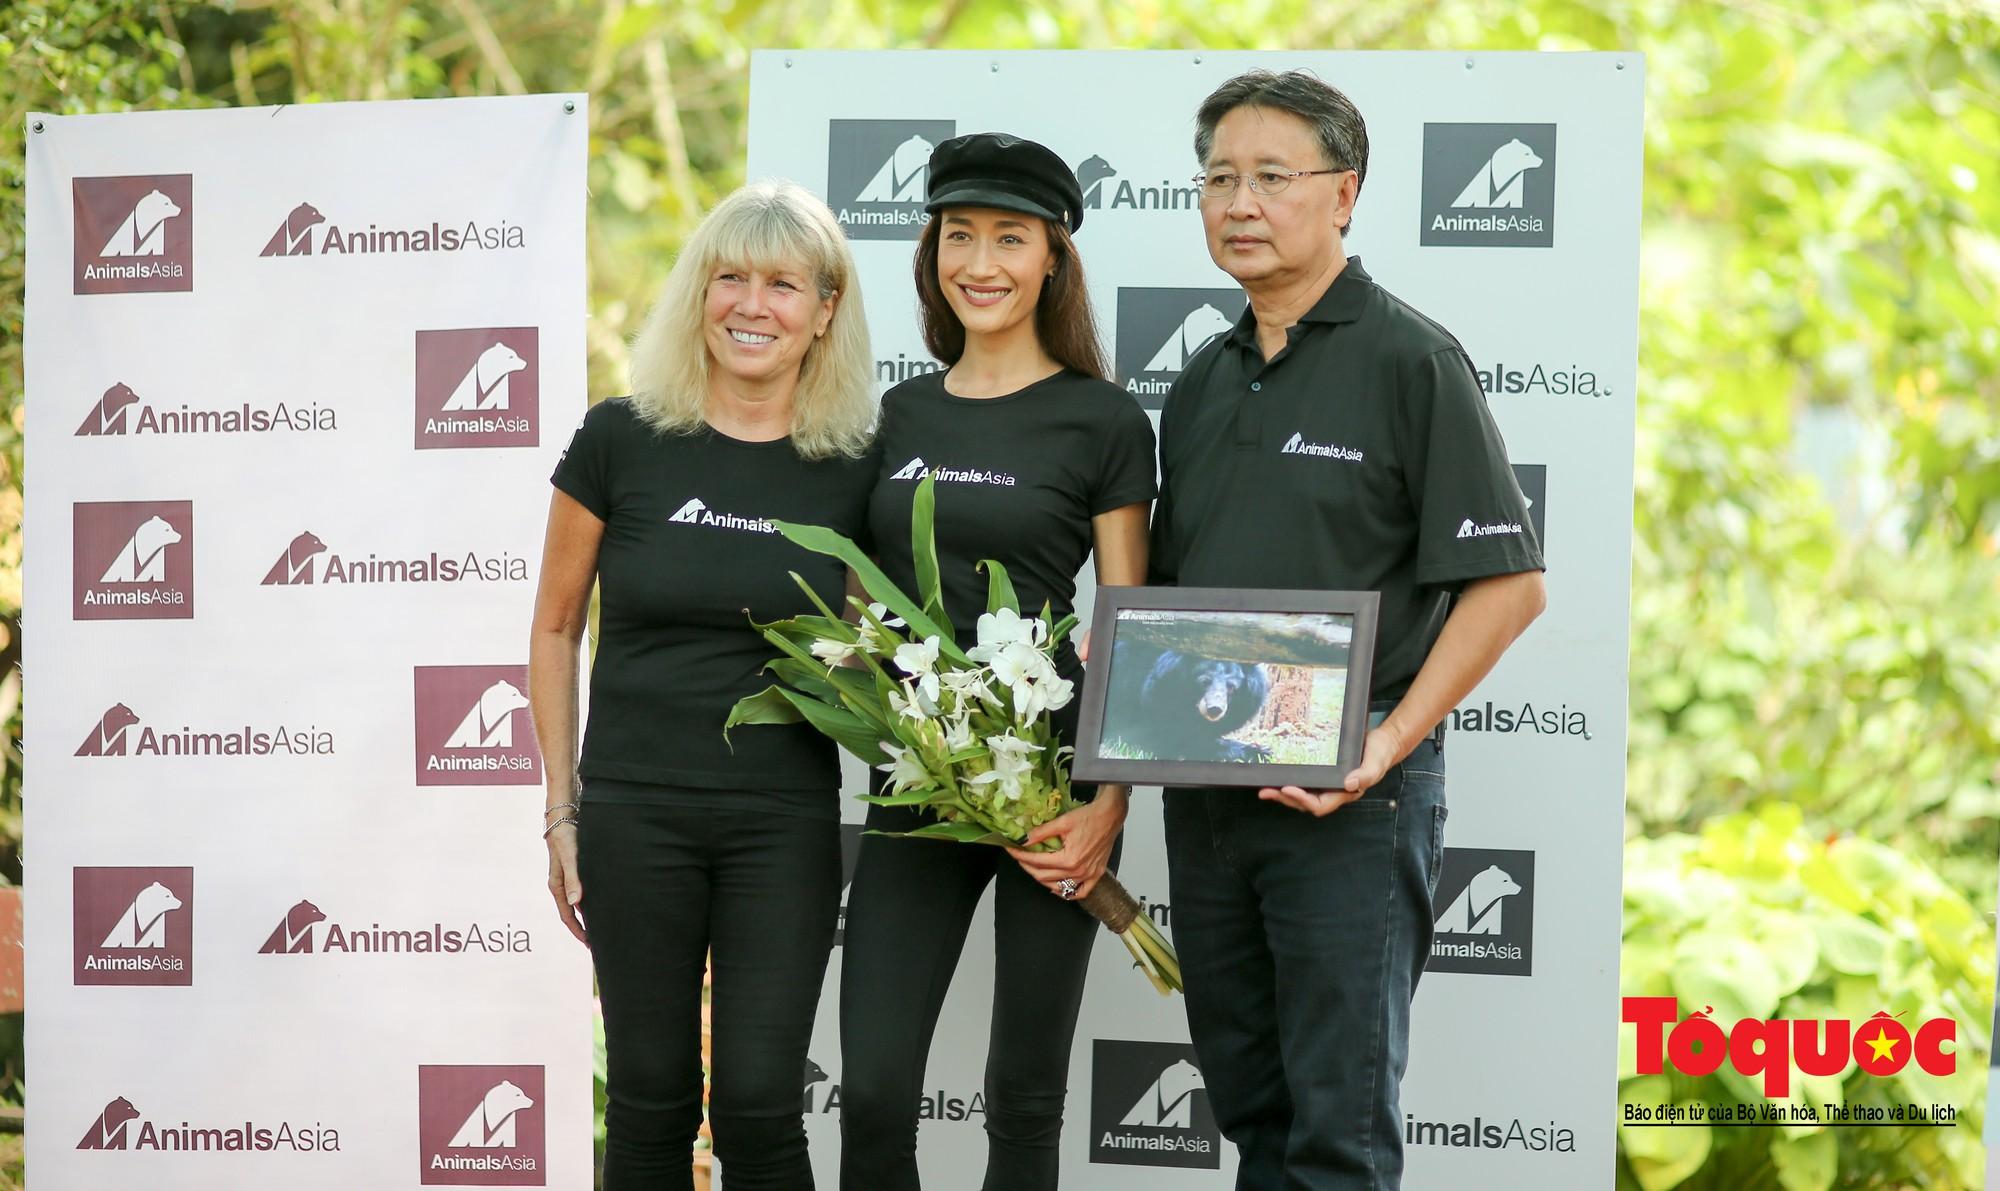 Ngôi sao Hollywood người Mỹ gốc Việt Maggie Q thăm Trung tâm Cứu hộ Gấu Việt Nam và đặt tên cho một chú gấu5